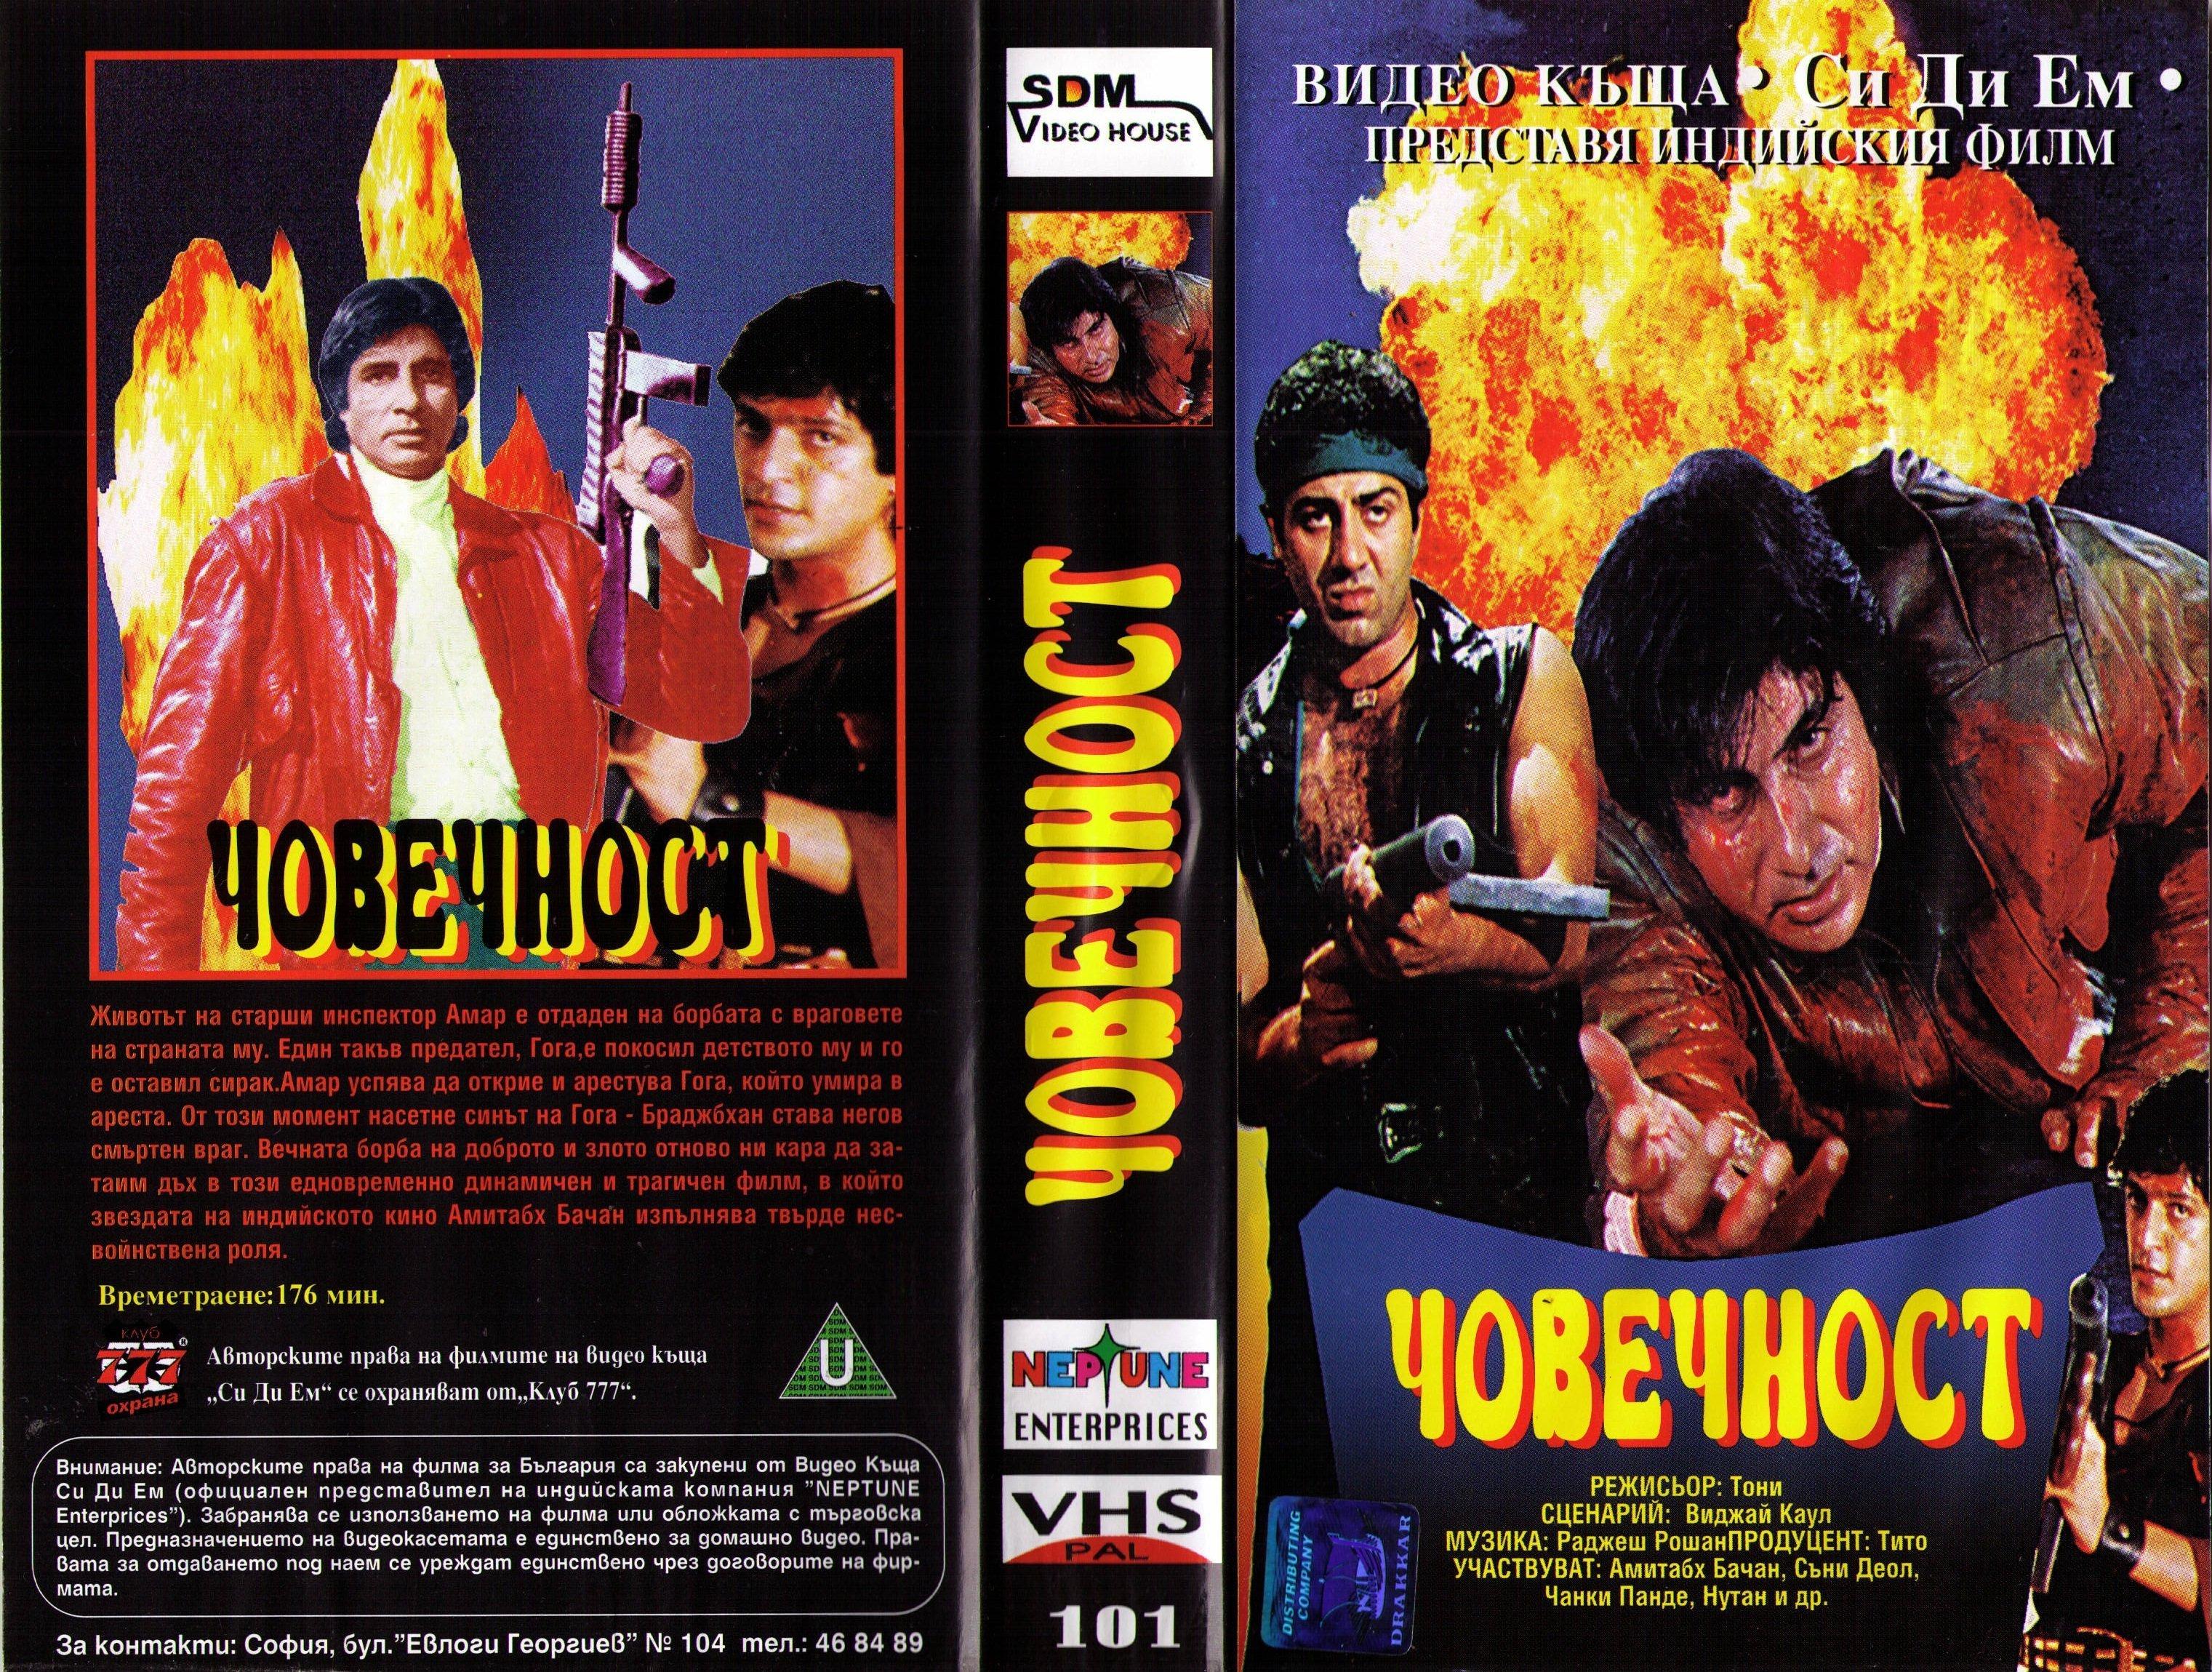 Човечност индийски филм